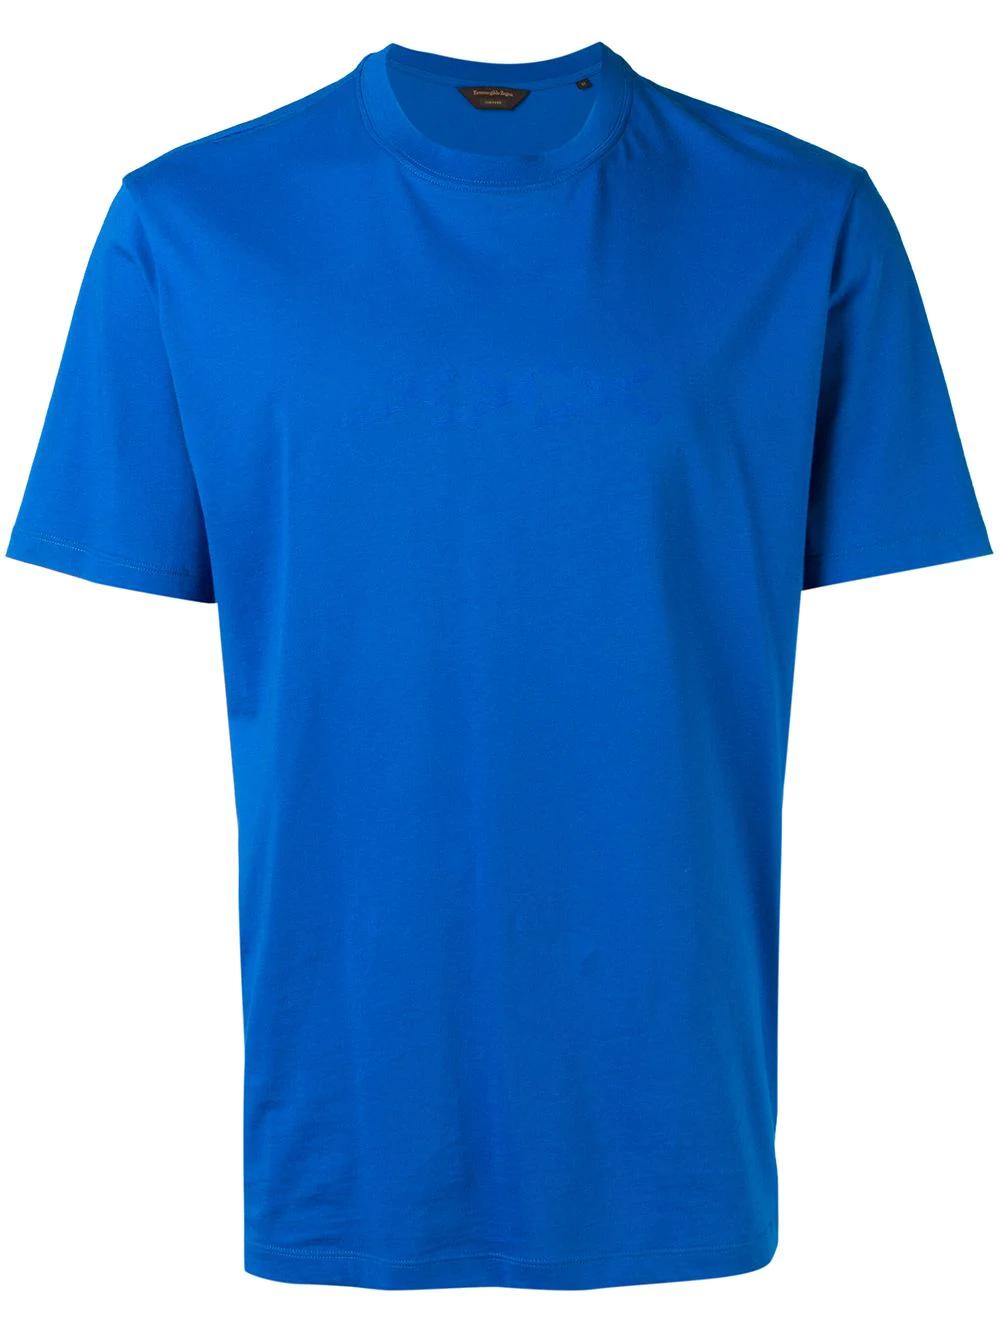 27d400956 Ermenegildo Zegna Xxx Print Logo T-Shirt - Blue | ModeSens